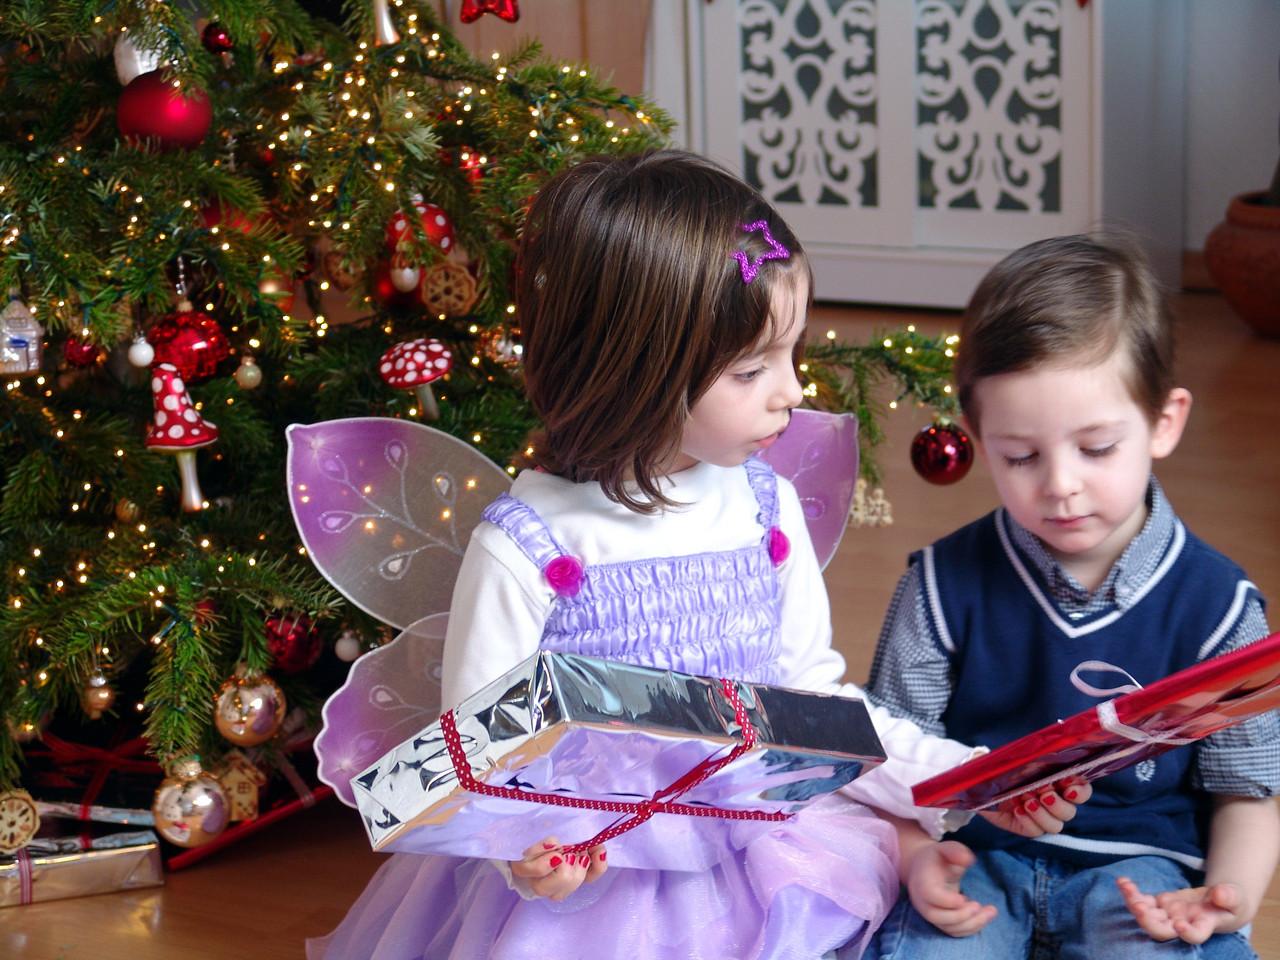 Kinder mit Geschenken unter dem Weihnachstbaum